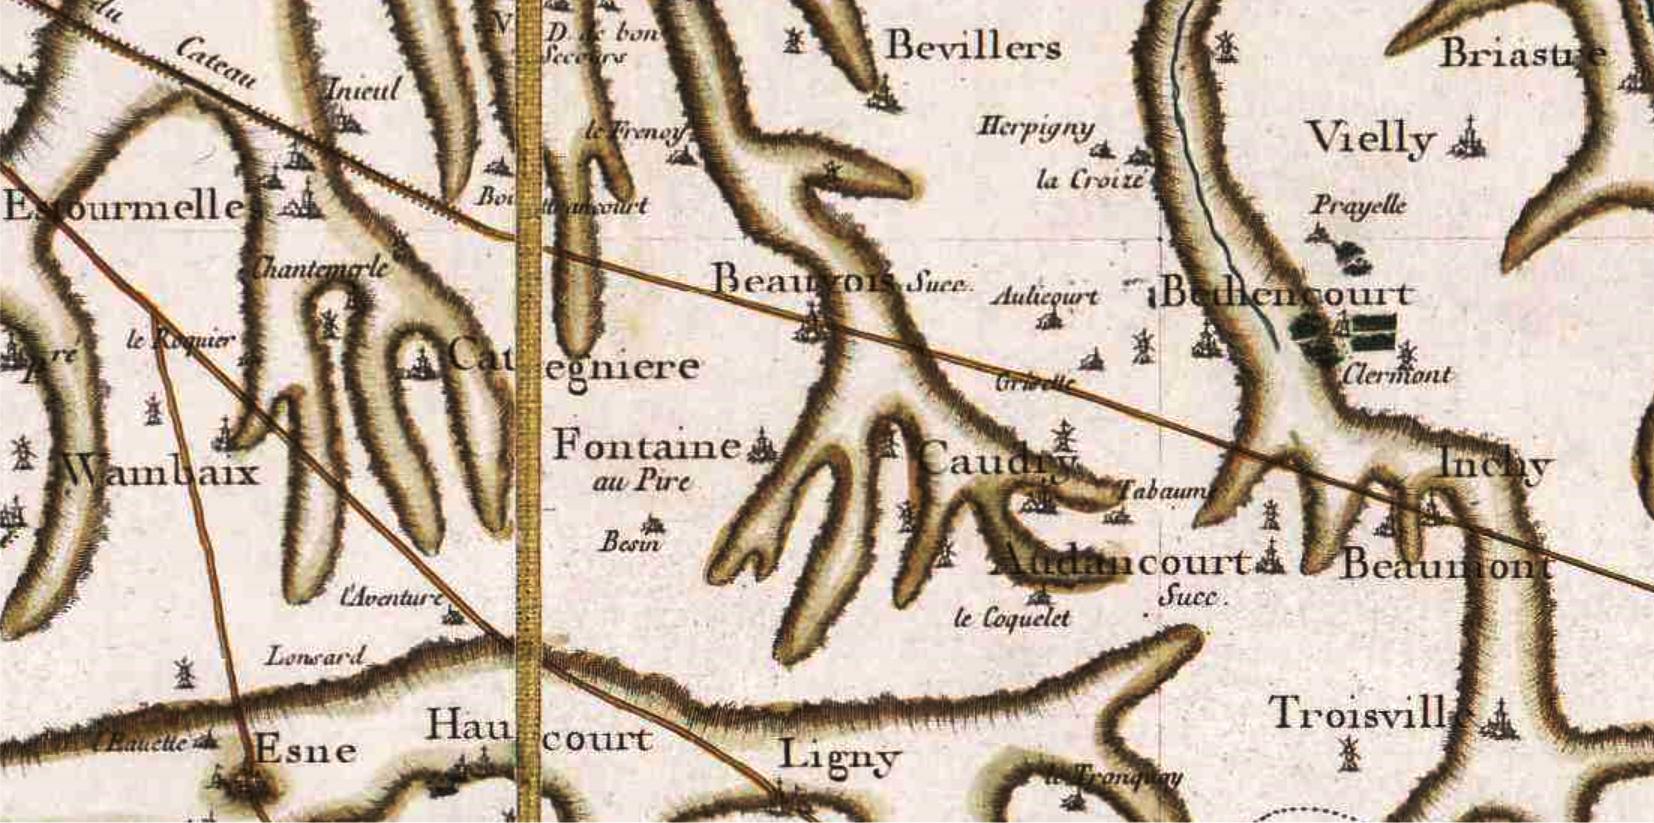 Caudry 59 cassini